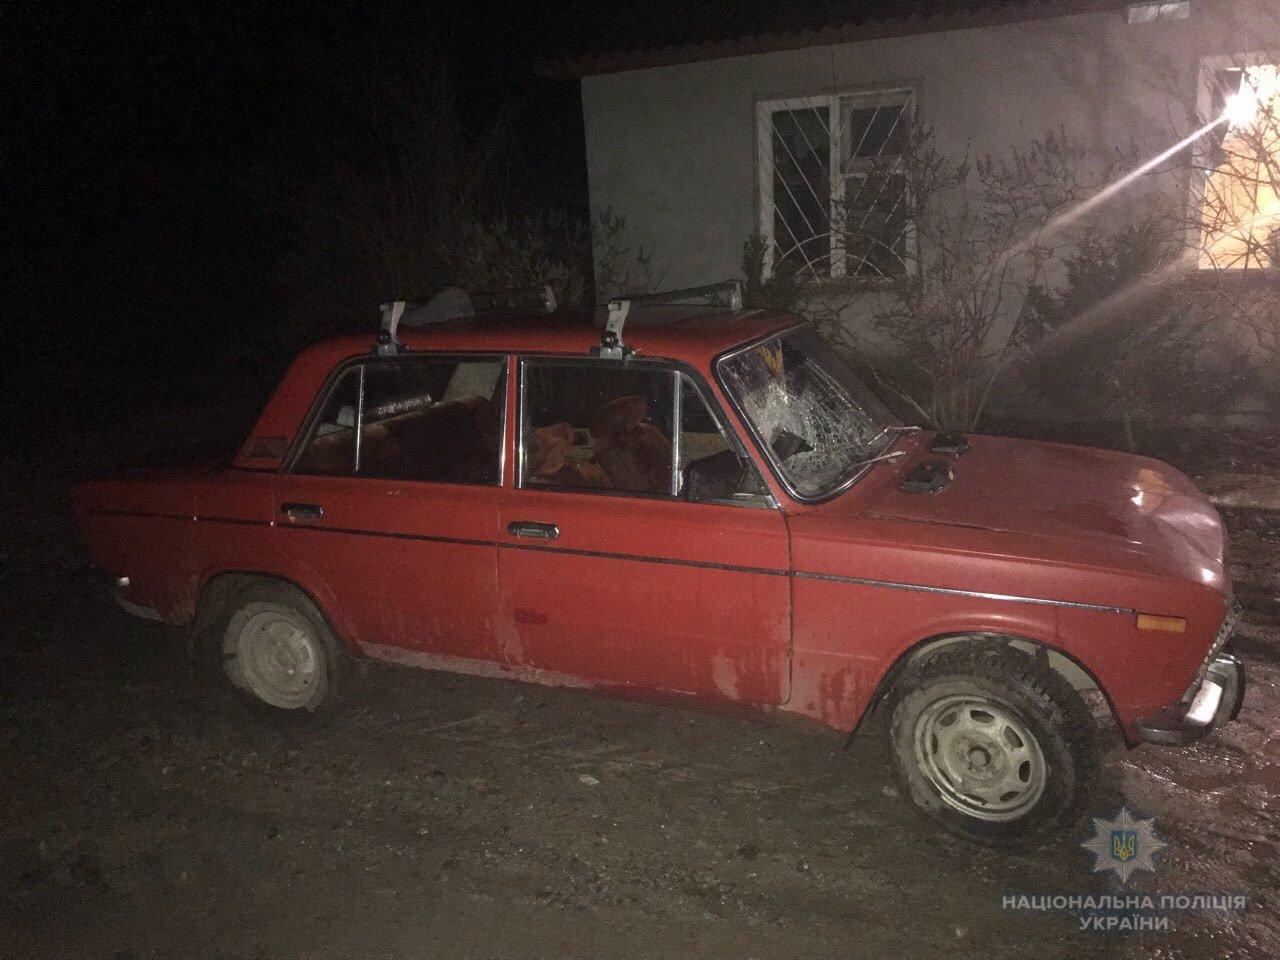 """Алкоголю у 17 разів вище норми: на Берегівщині п'яний водій """"Жигулів"""" збив велосипедиста, потерпілий - у реанімації (ФОТО), фото-2"""